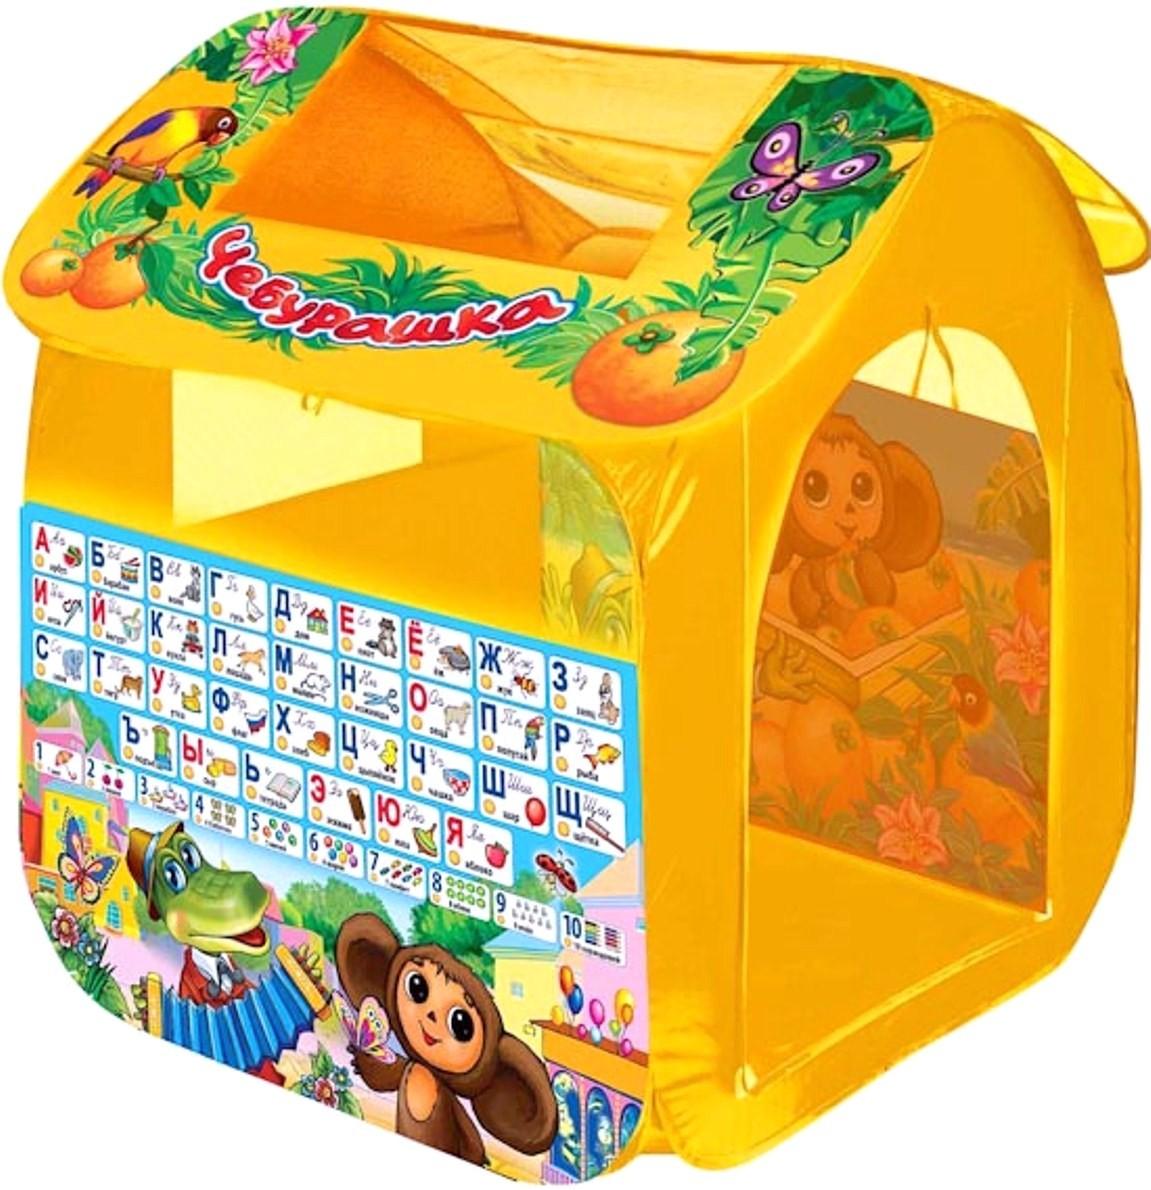 Детская игровая палатка  Чебурашка» с азбукой в сумке - Игрушки Союзмультфильм, артикул: 121849